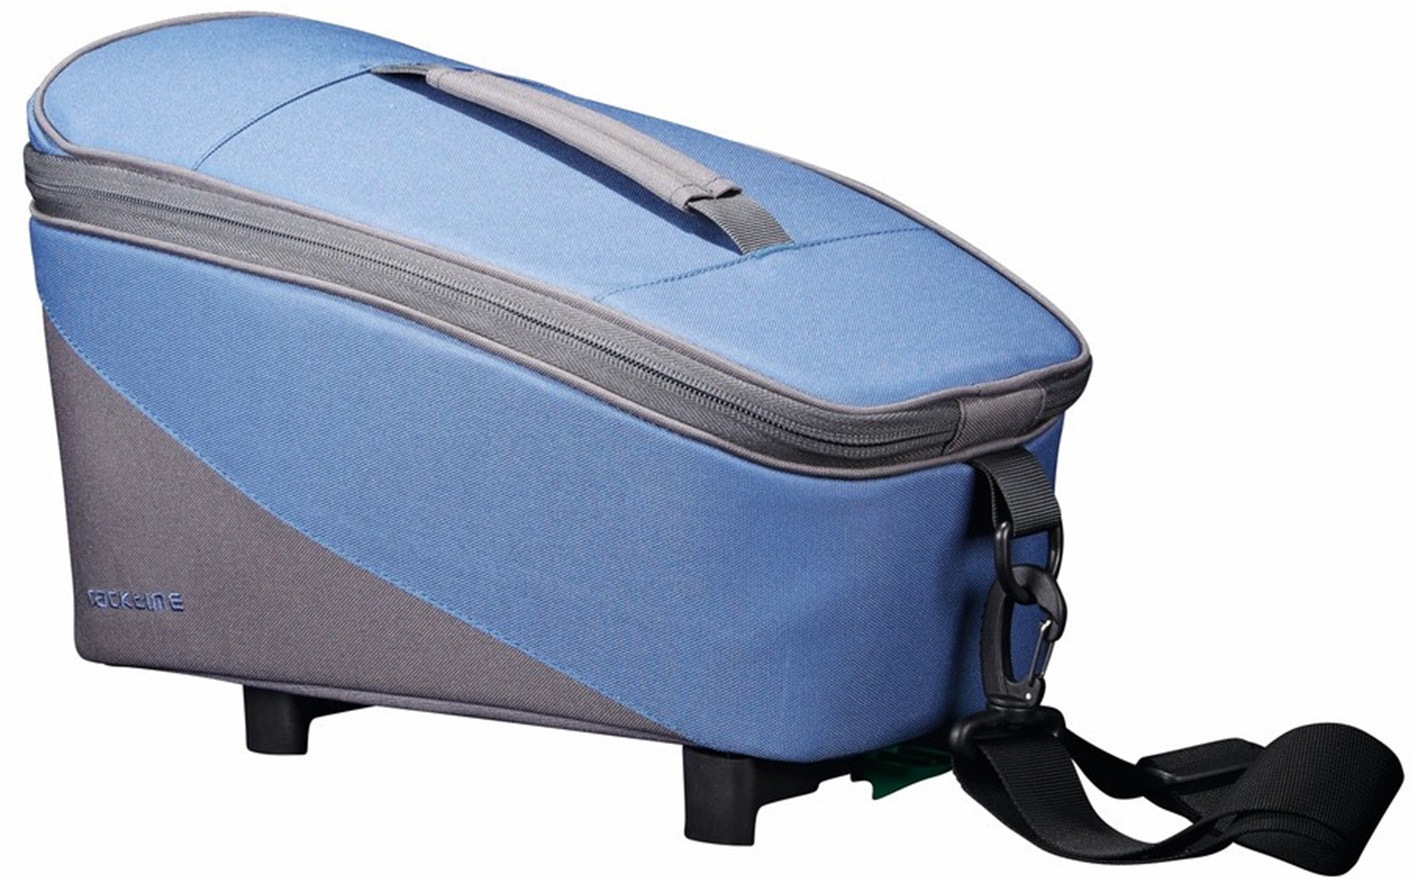 racktime Fahrradtasche TALIS blau Fahrradtaschen Fahrradzubehör Fahrräder Zubehör